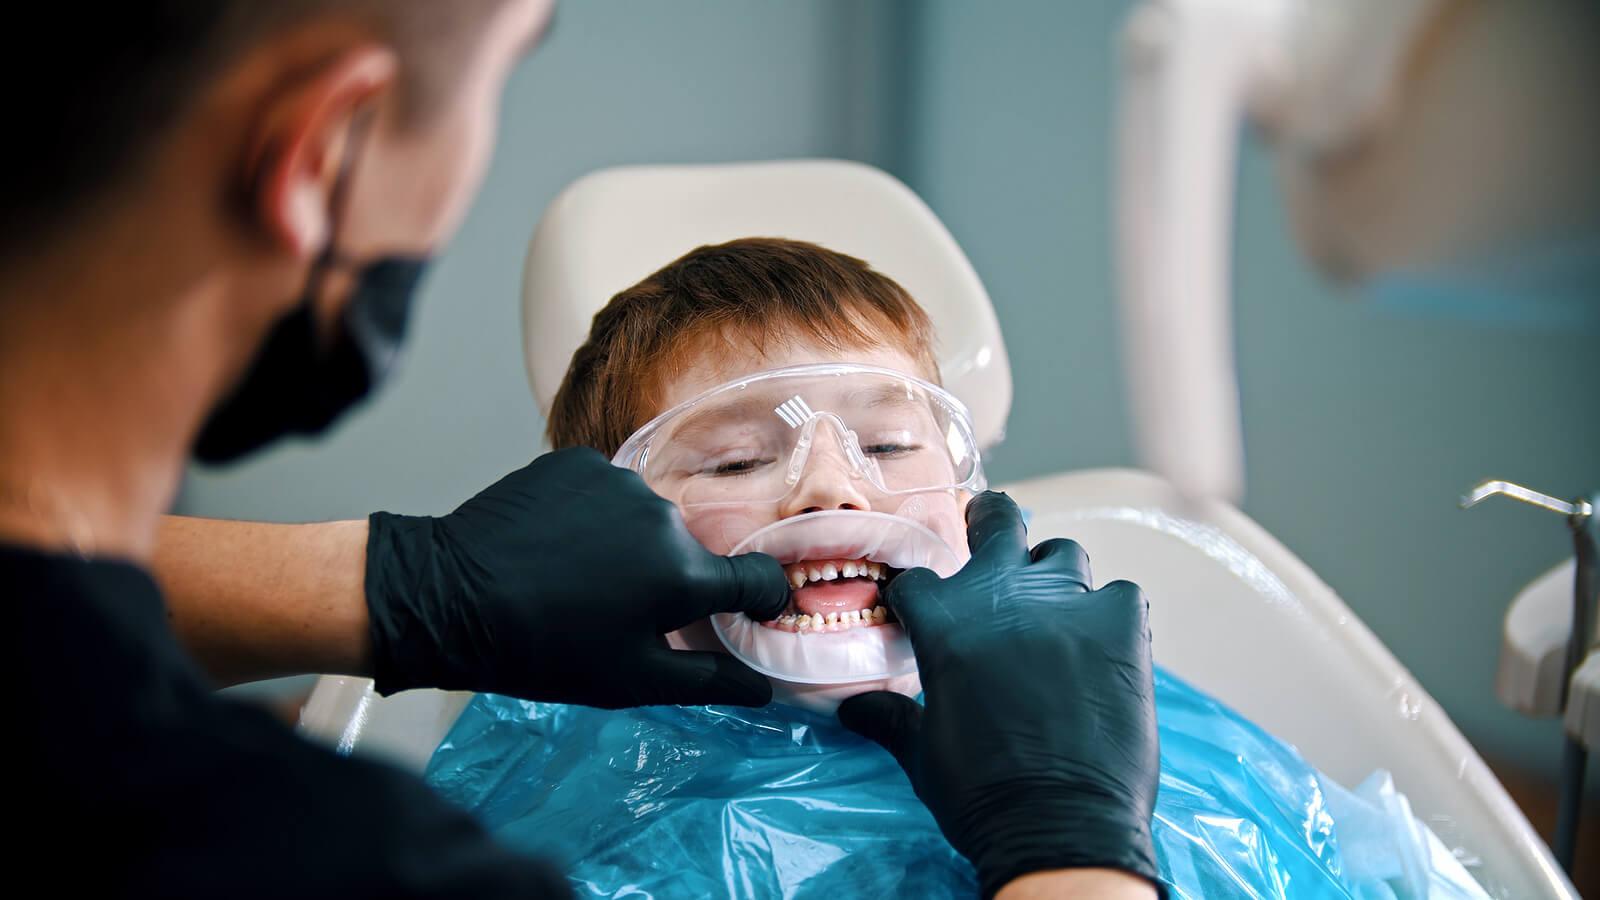 Niño en el dentista al que le están haciendo un sellado de dientes.